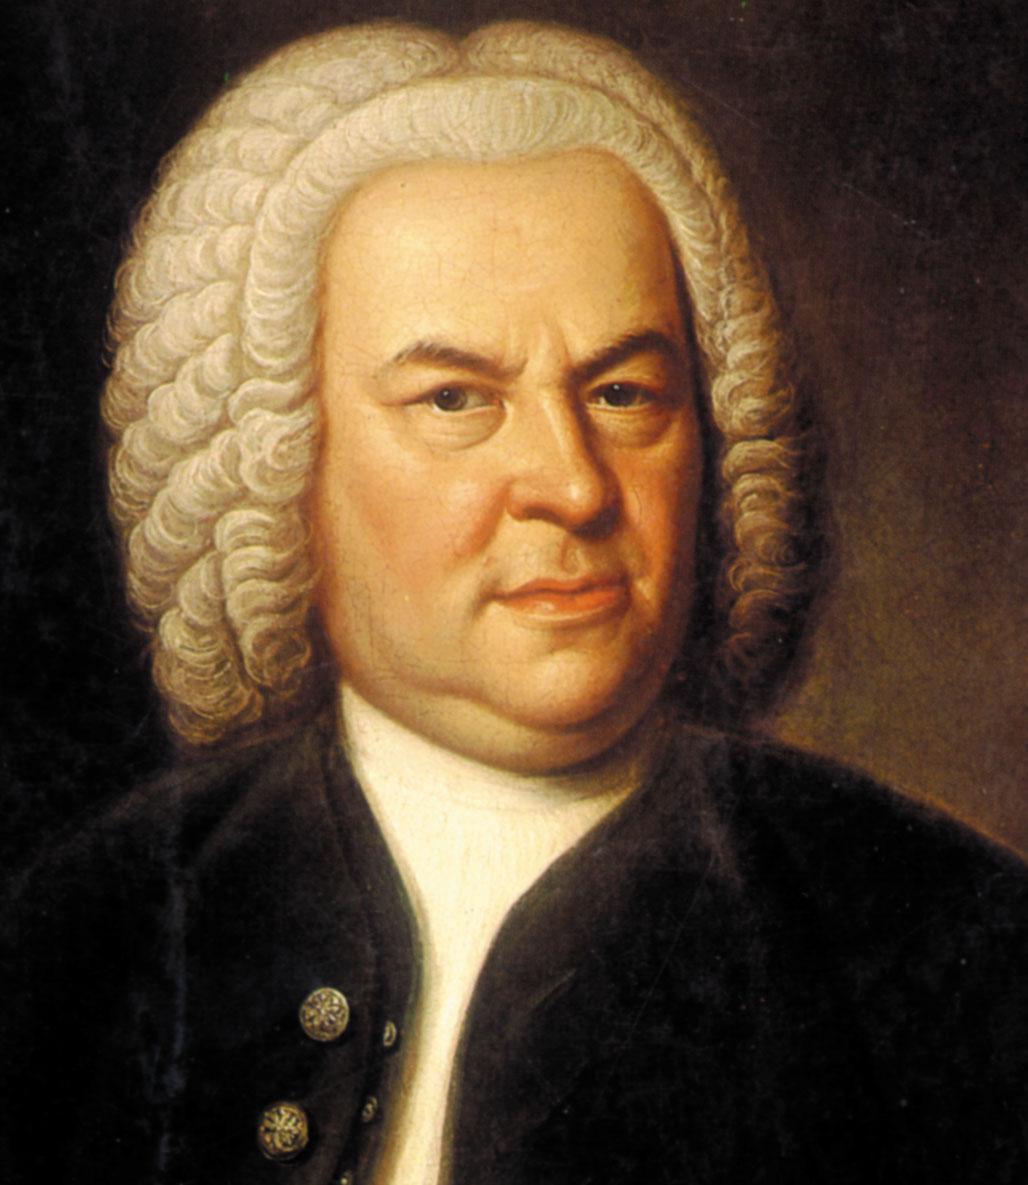 Bach Ausschnitt.jpg